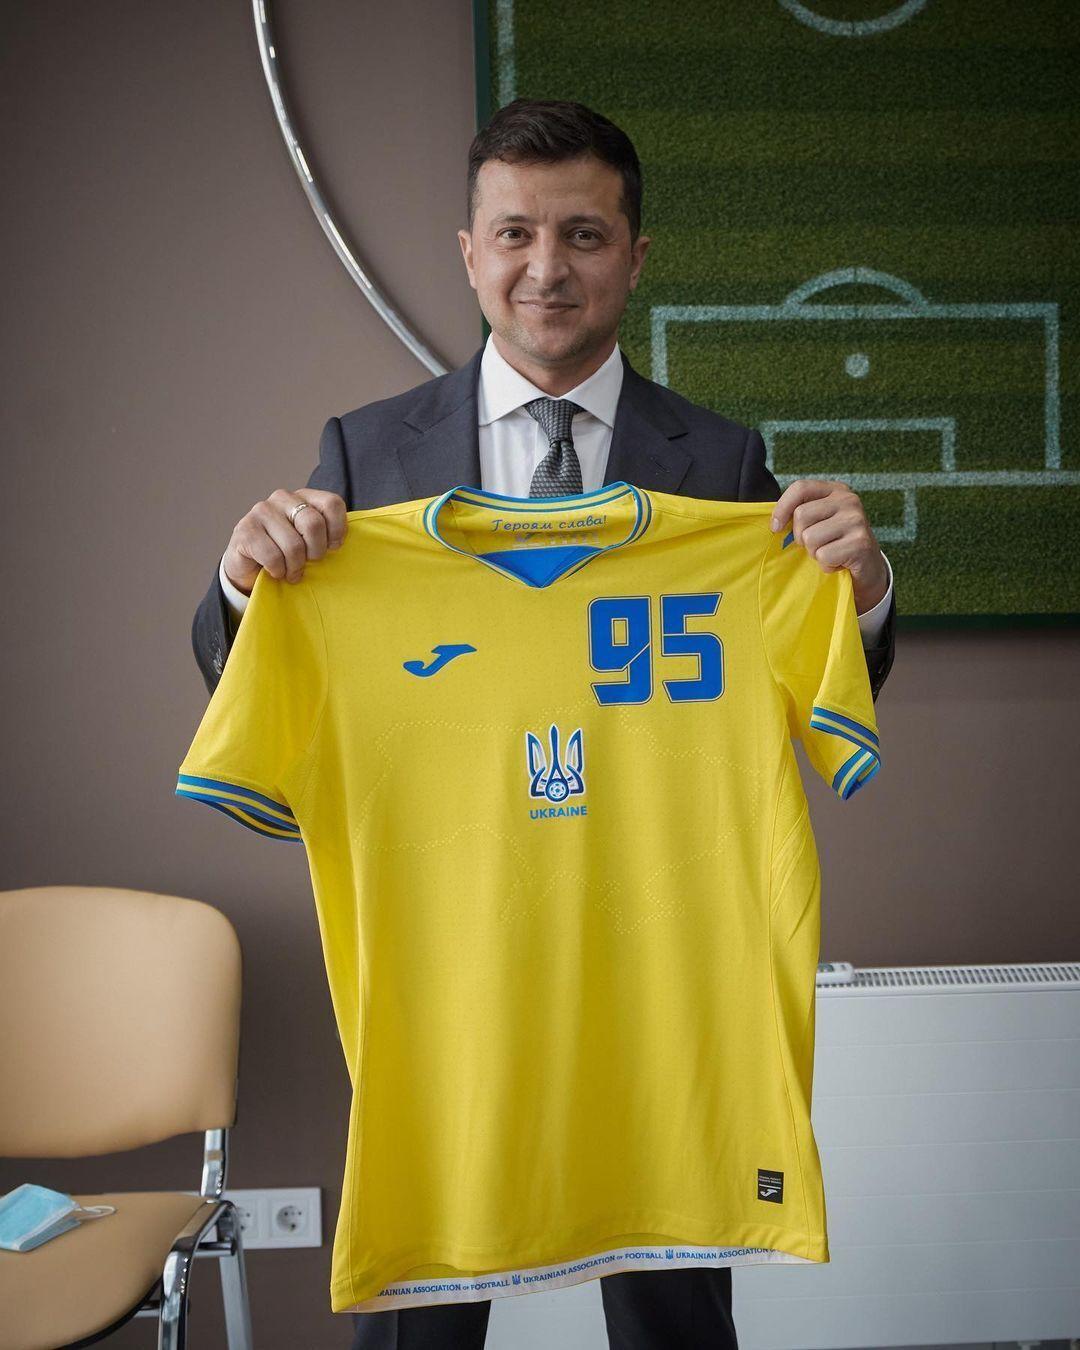 Владимир Зеленский сфотографировался с новой формой сборной Украины